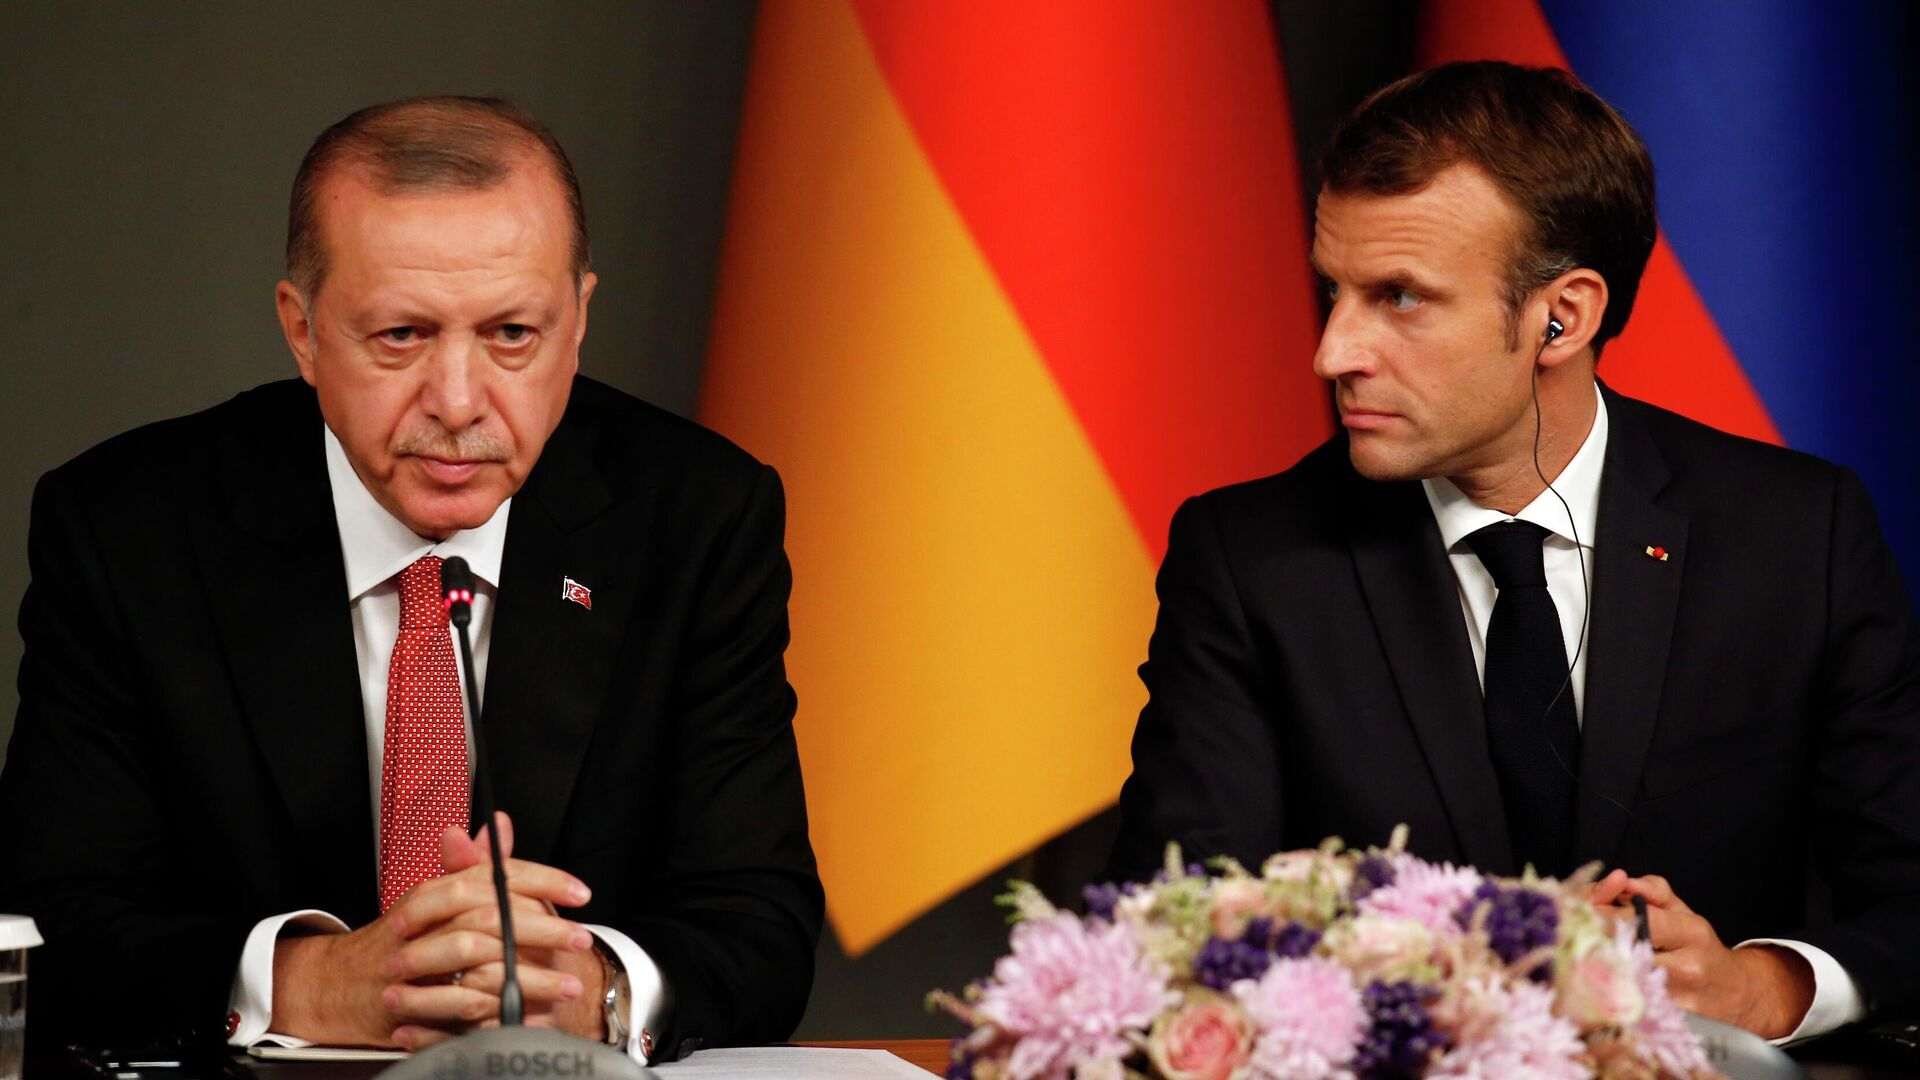 Президент Турции Реджеп Тайип Эрдоган и президент Франции Эммануэль Макрон - РИА Новости, 1920, 28.10.2020